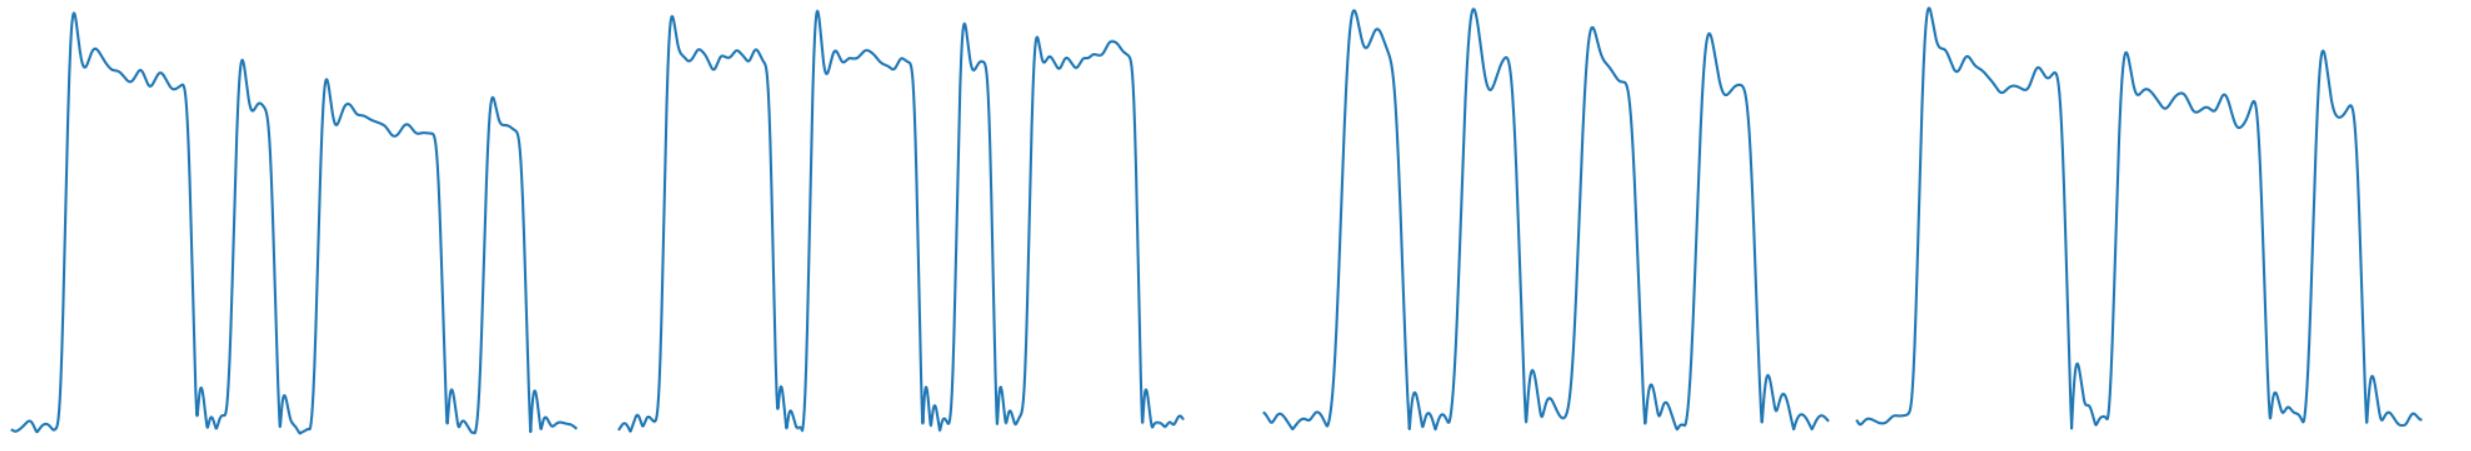 Распознавание азбуки Морзе с помощью нейронной сети - 8